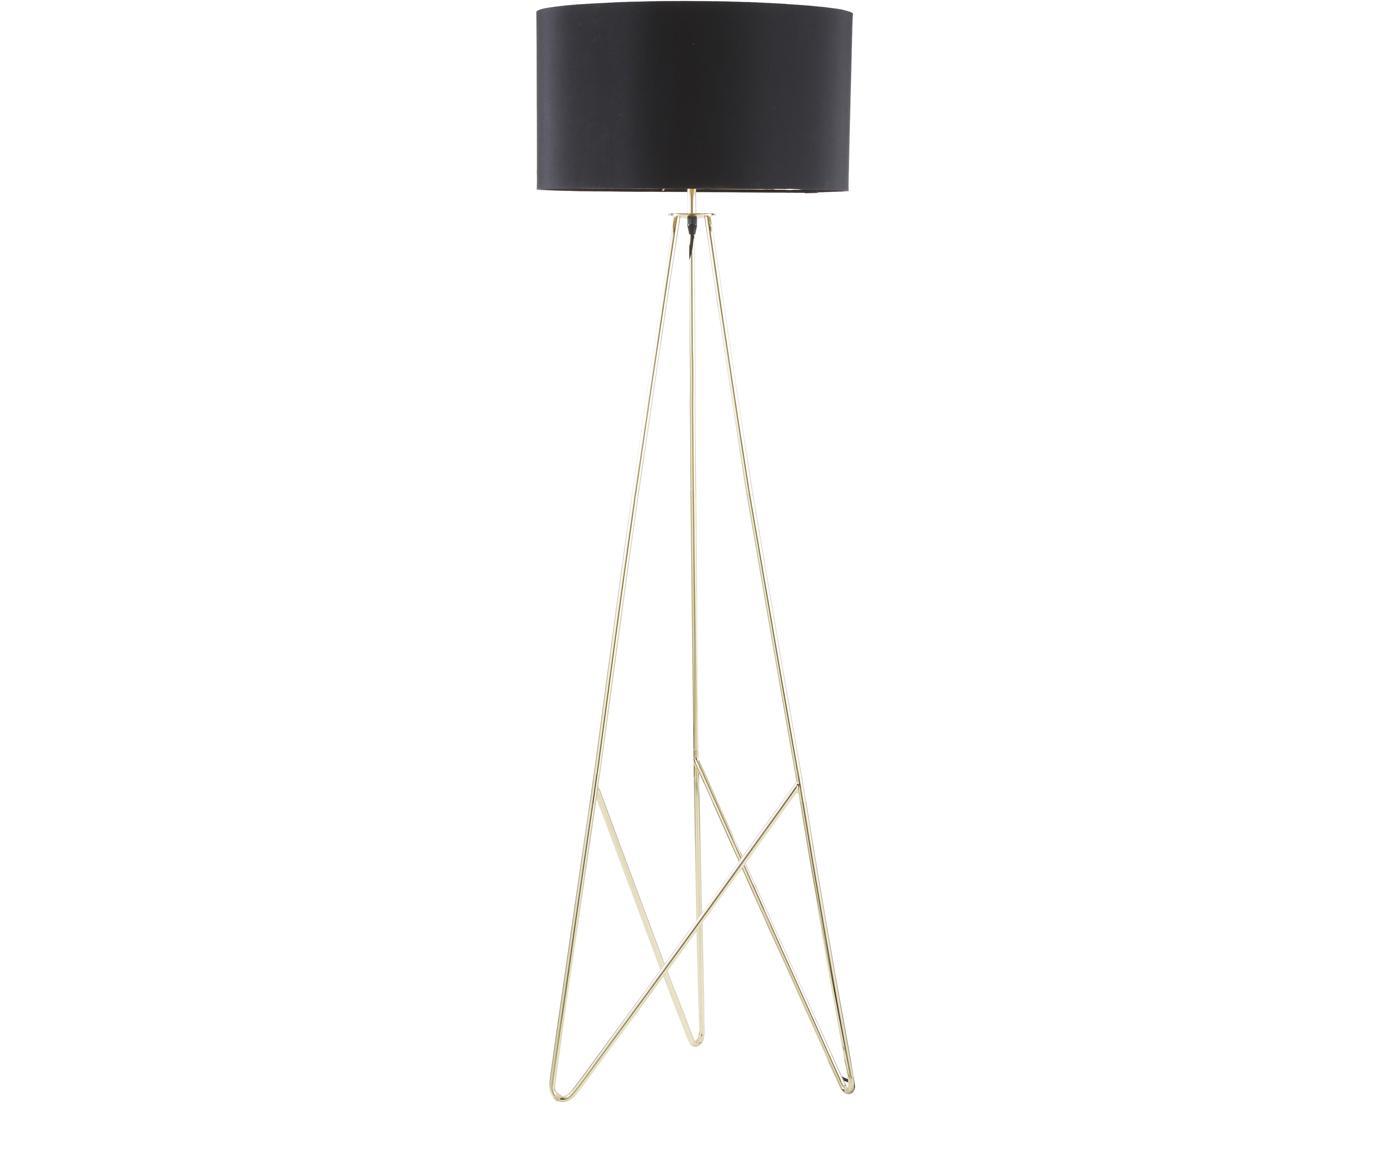 Stehlampe Jessica, Lampenschirm: Textil, Schwarz, Kupfer, Ø 45 x H 155 cm